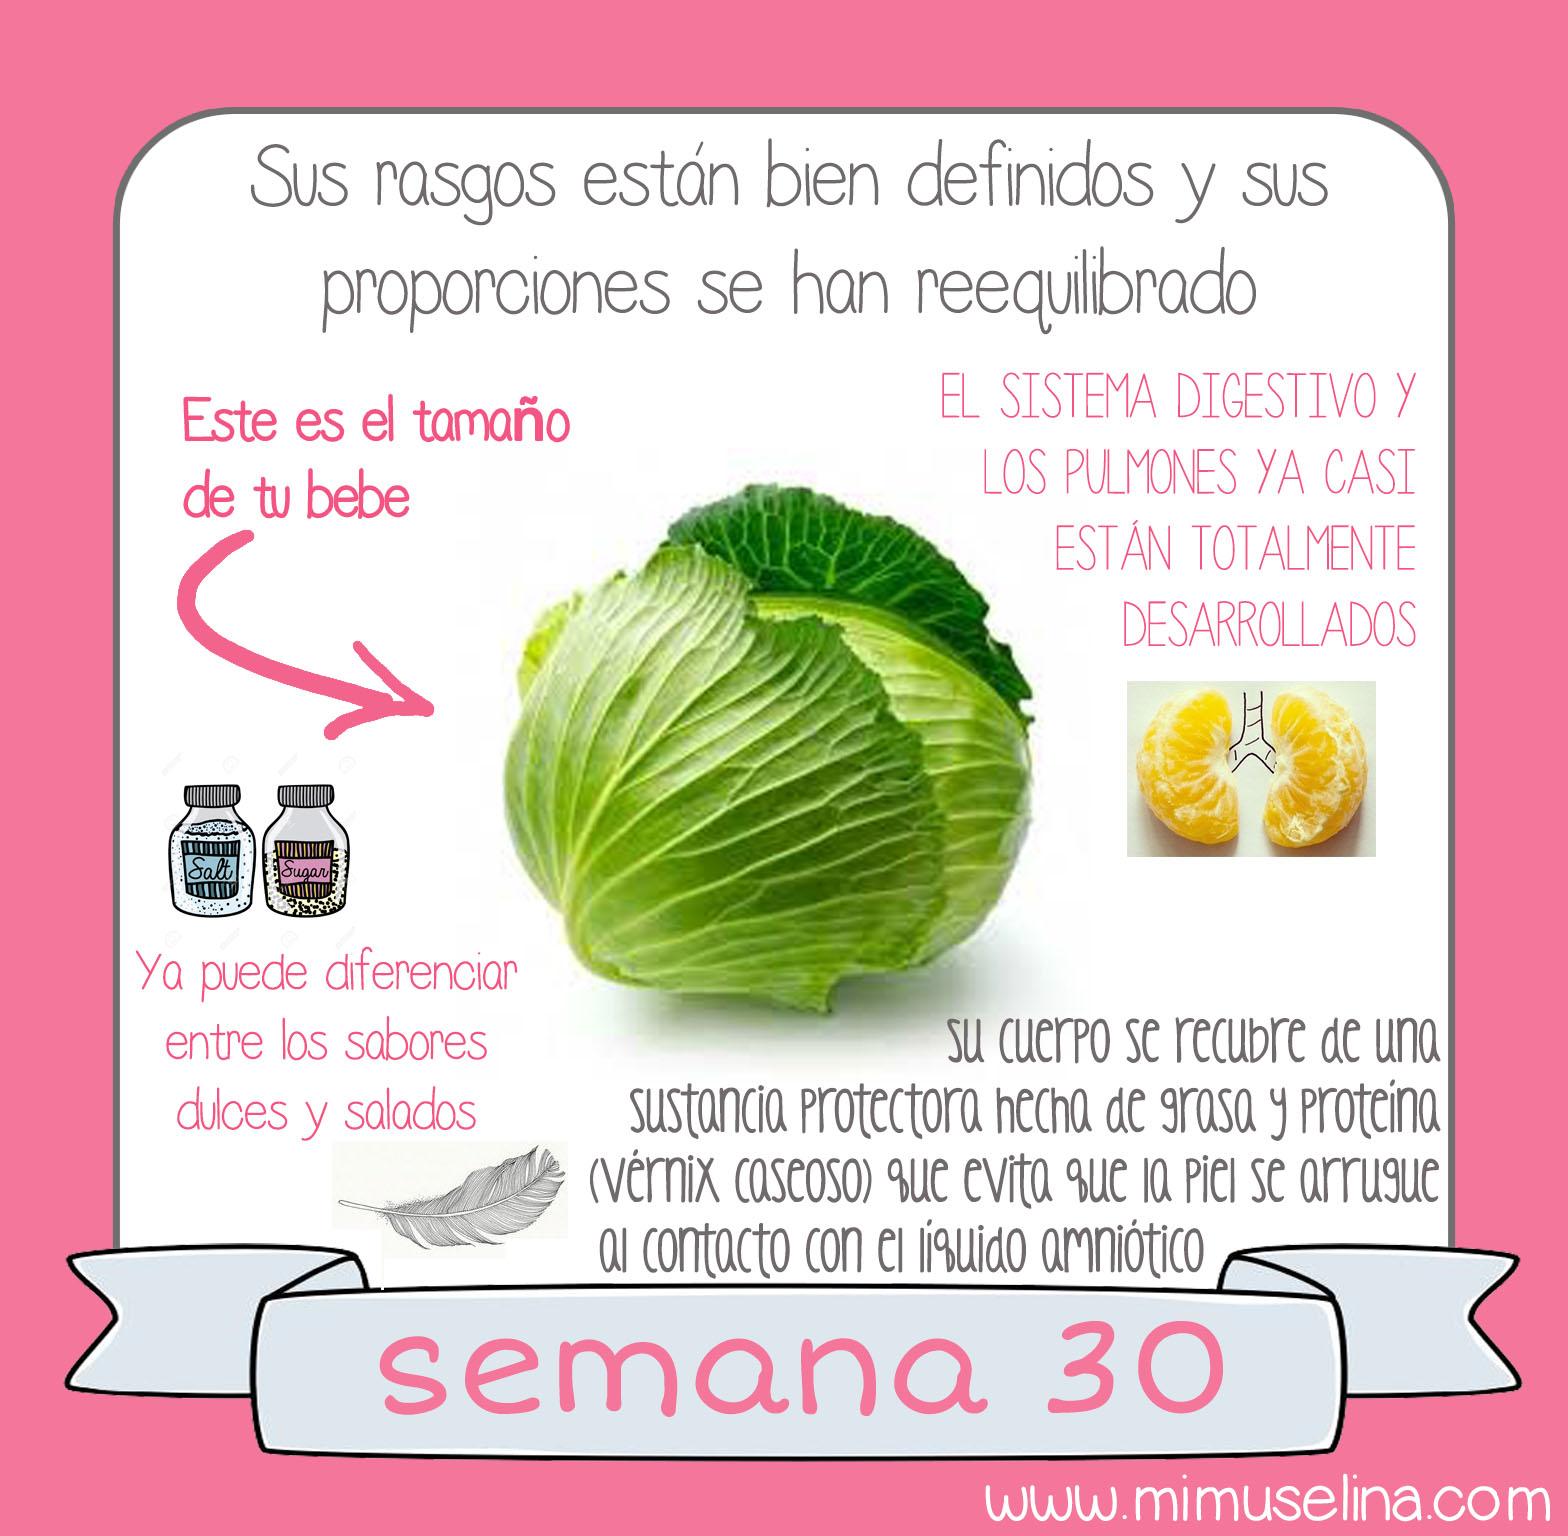 e1cbe4a59 libro album recuerdos del embarazo blog mimuselina información comparación  tamaño feto con frutas bebe como col